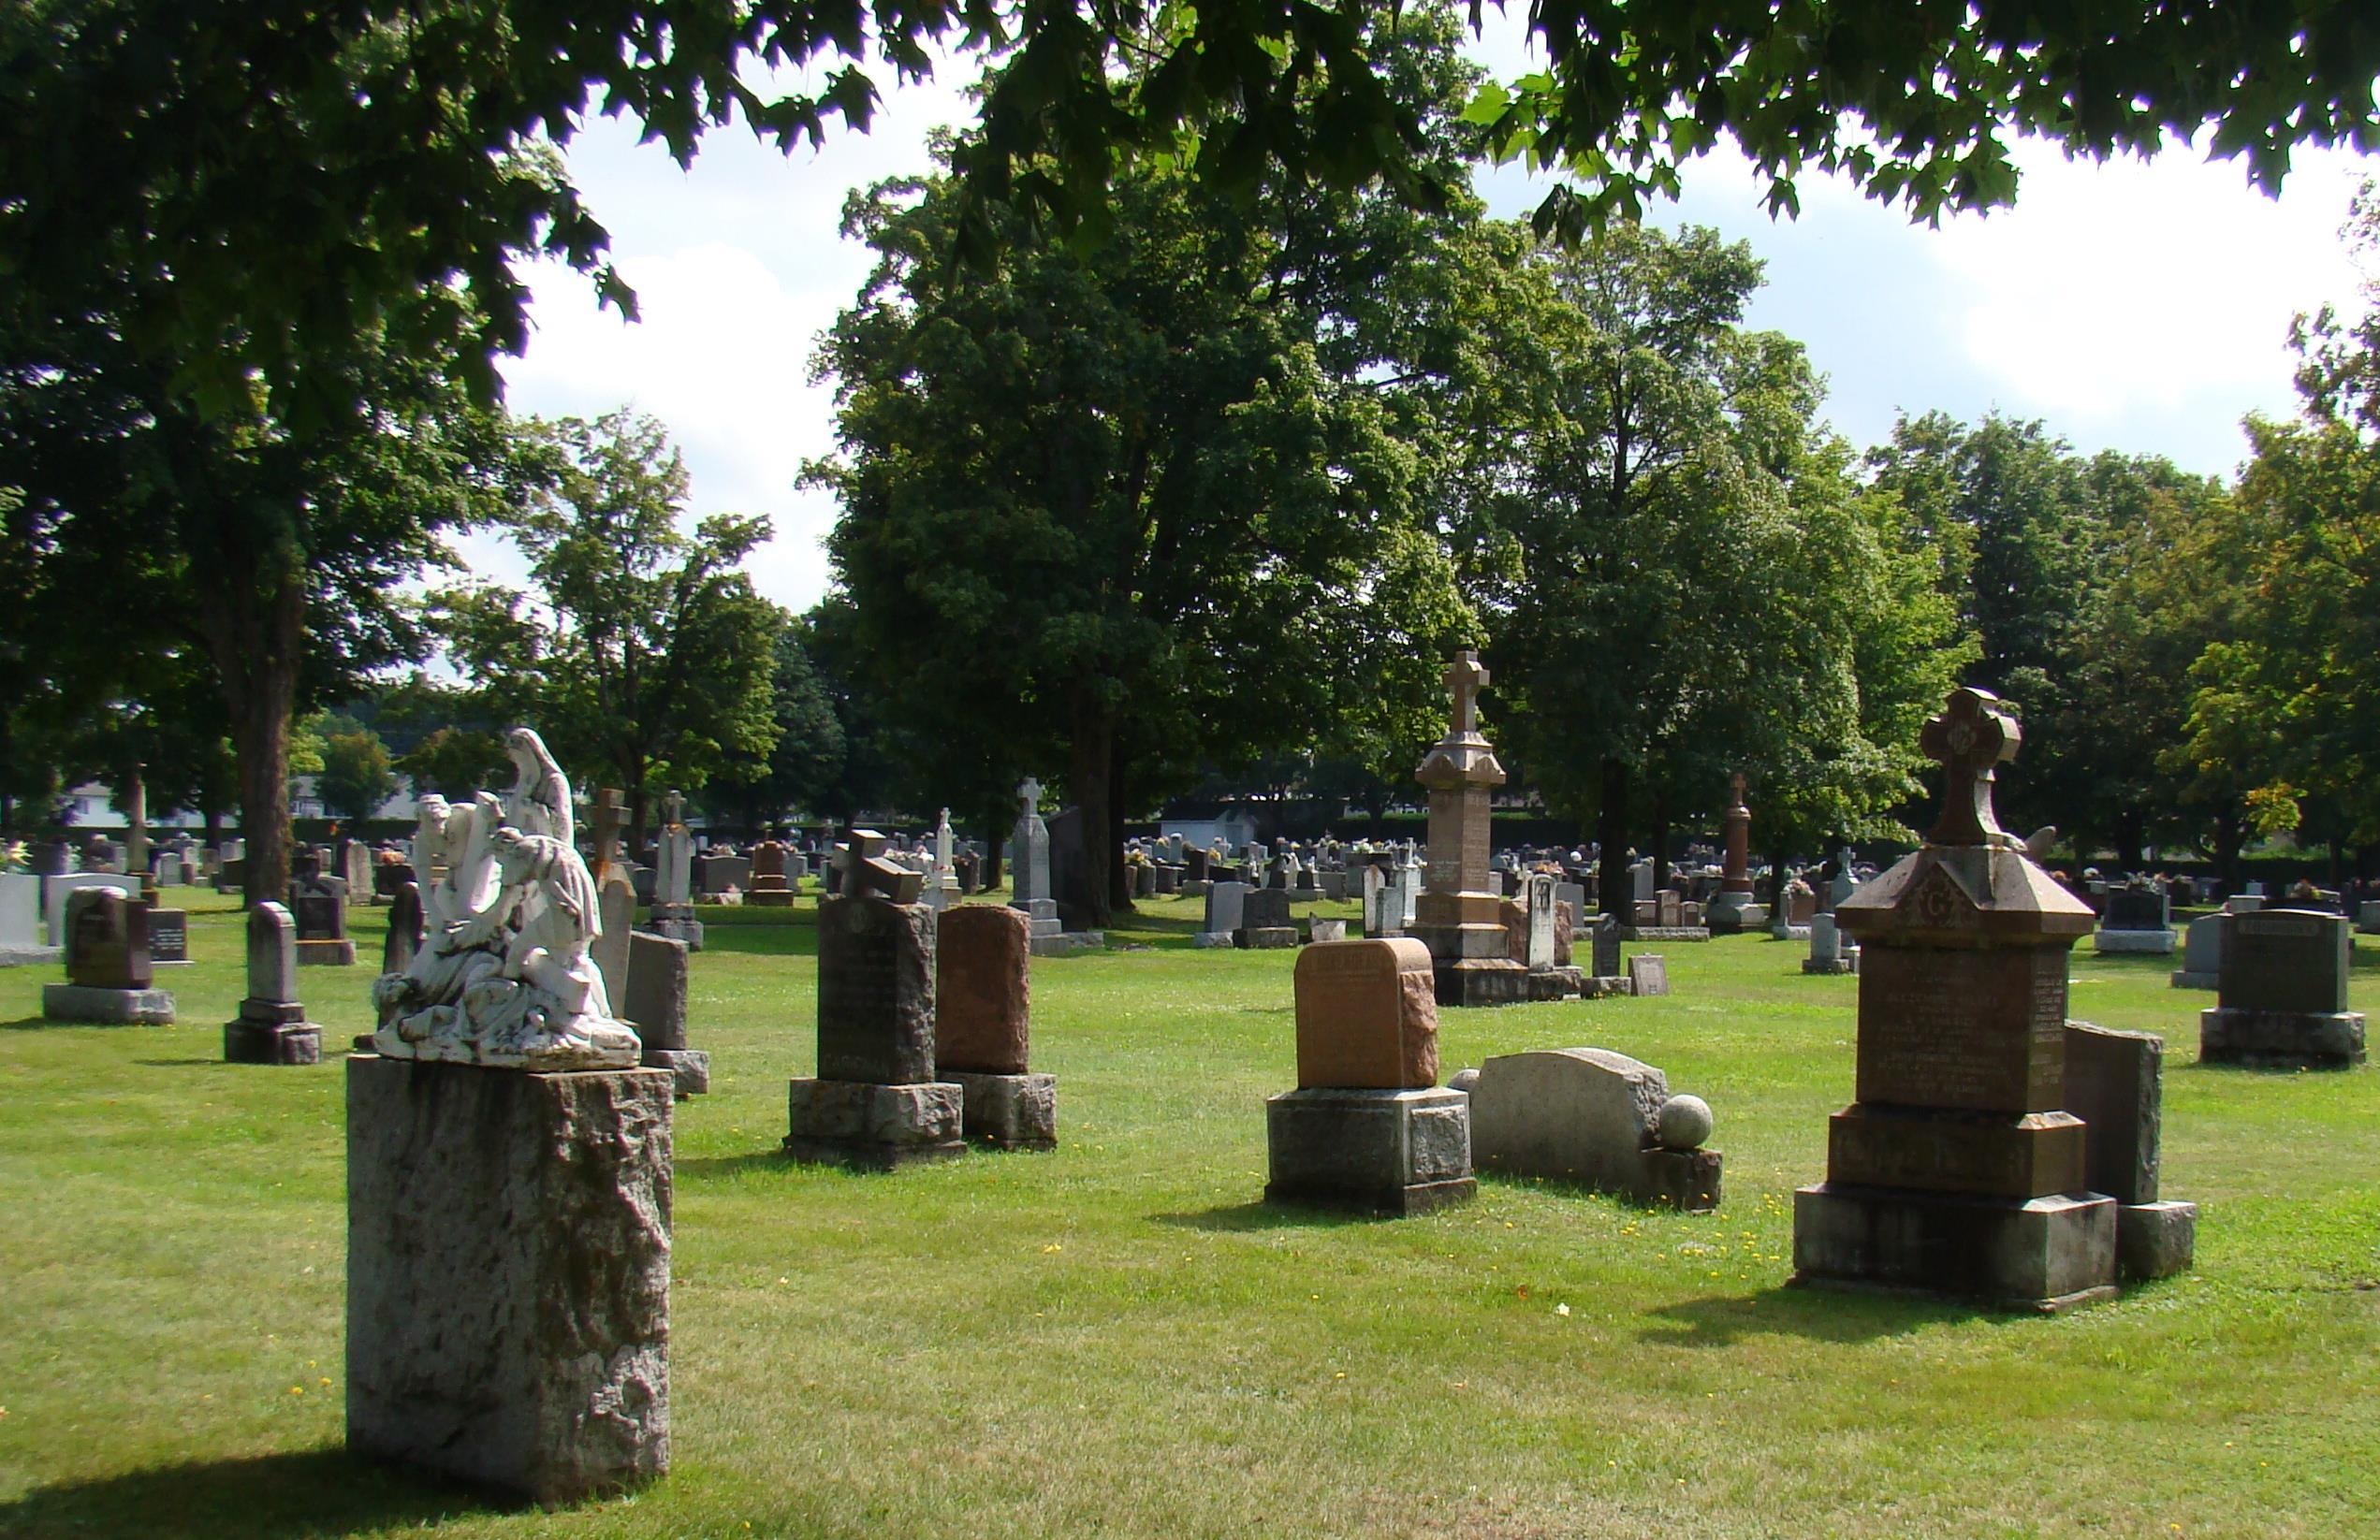 Saint-Calixte Cemetery